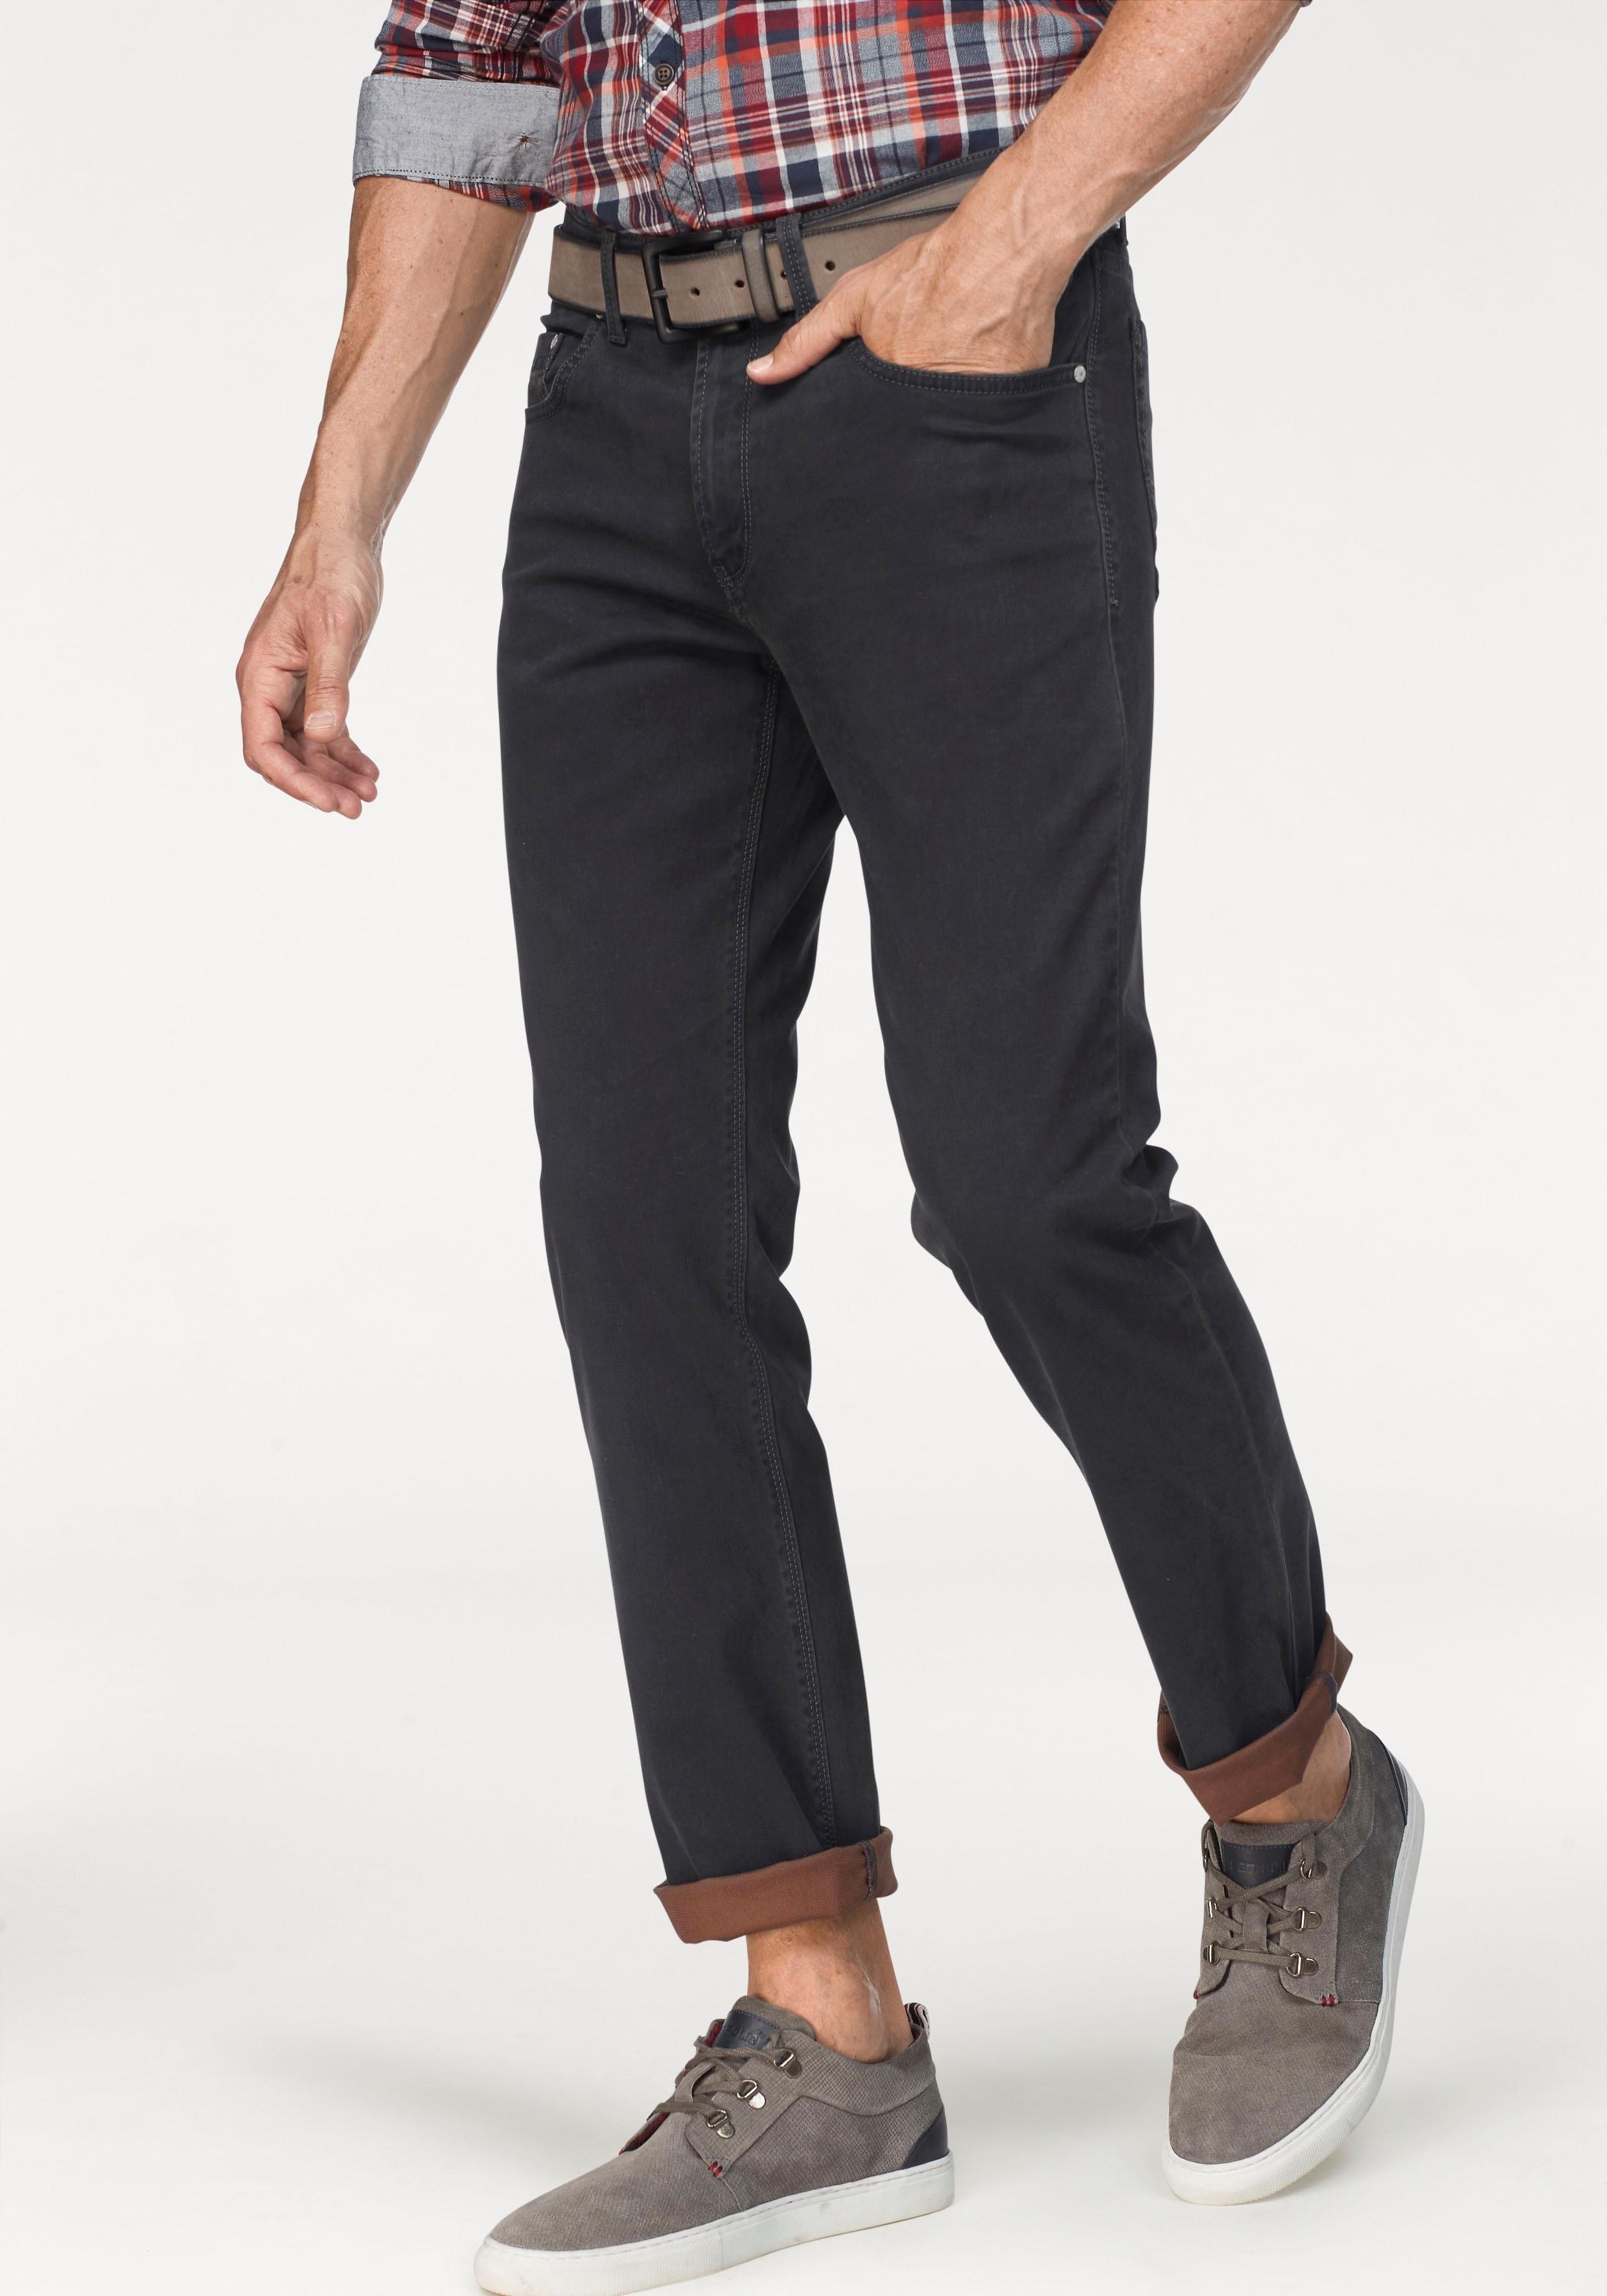 Pioneer Authentic Jeans stretchbroek »Rando« online kopen op otto.nl